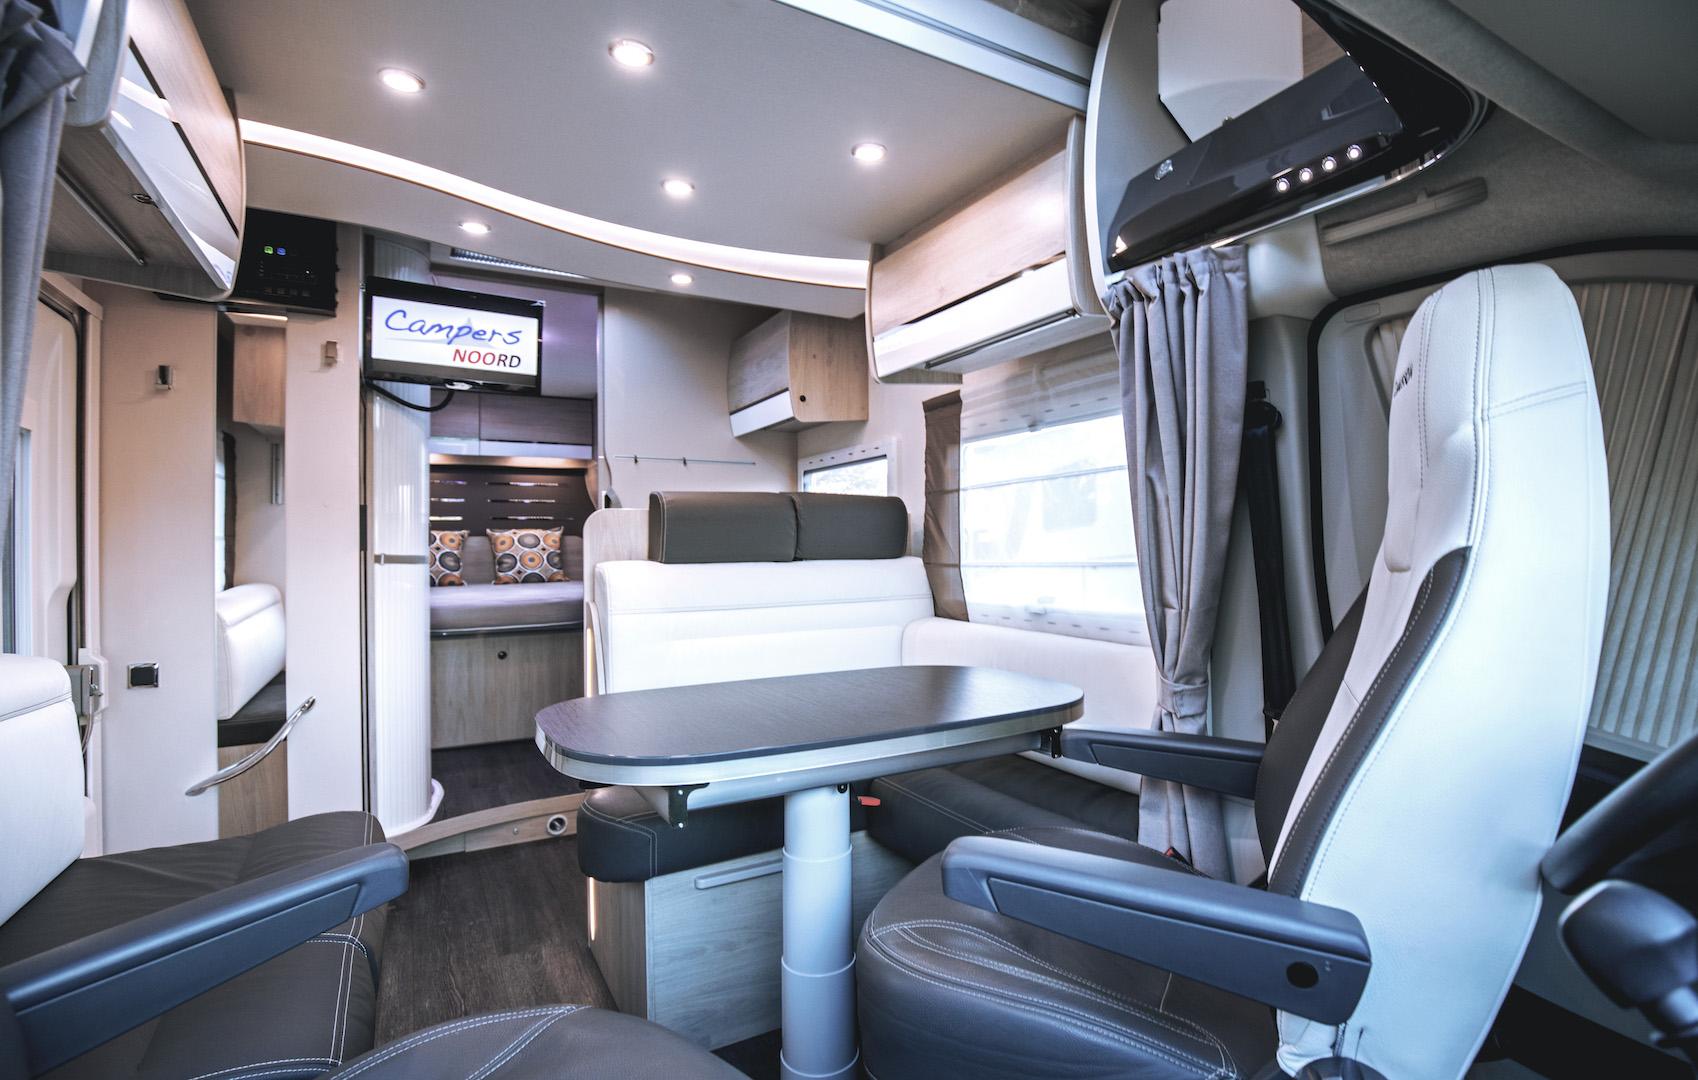 Rondzit Chausson 718 XLB VIP te koop bij Campers Noord